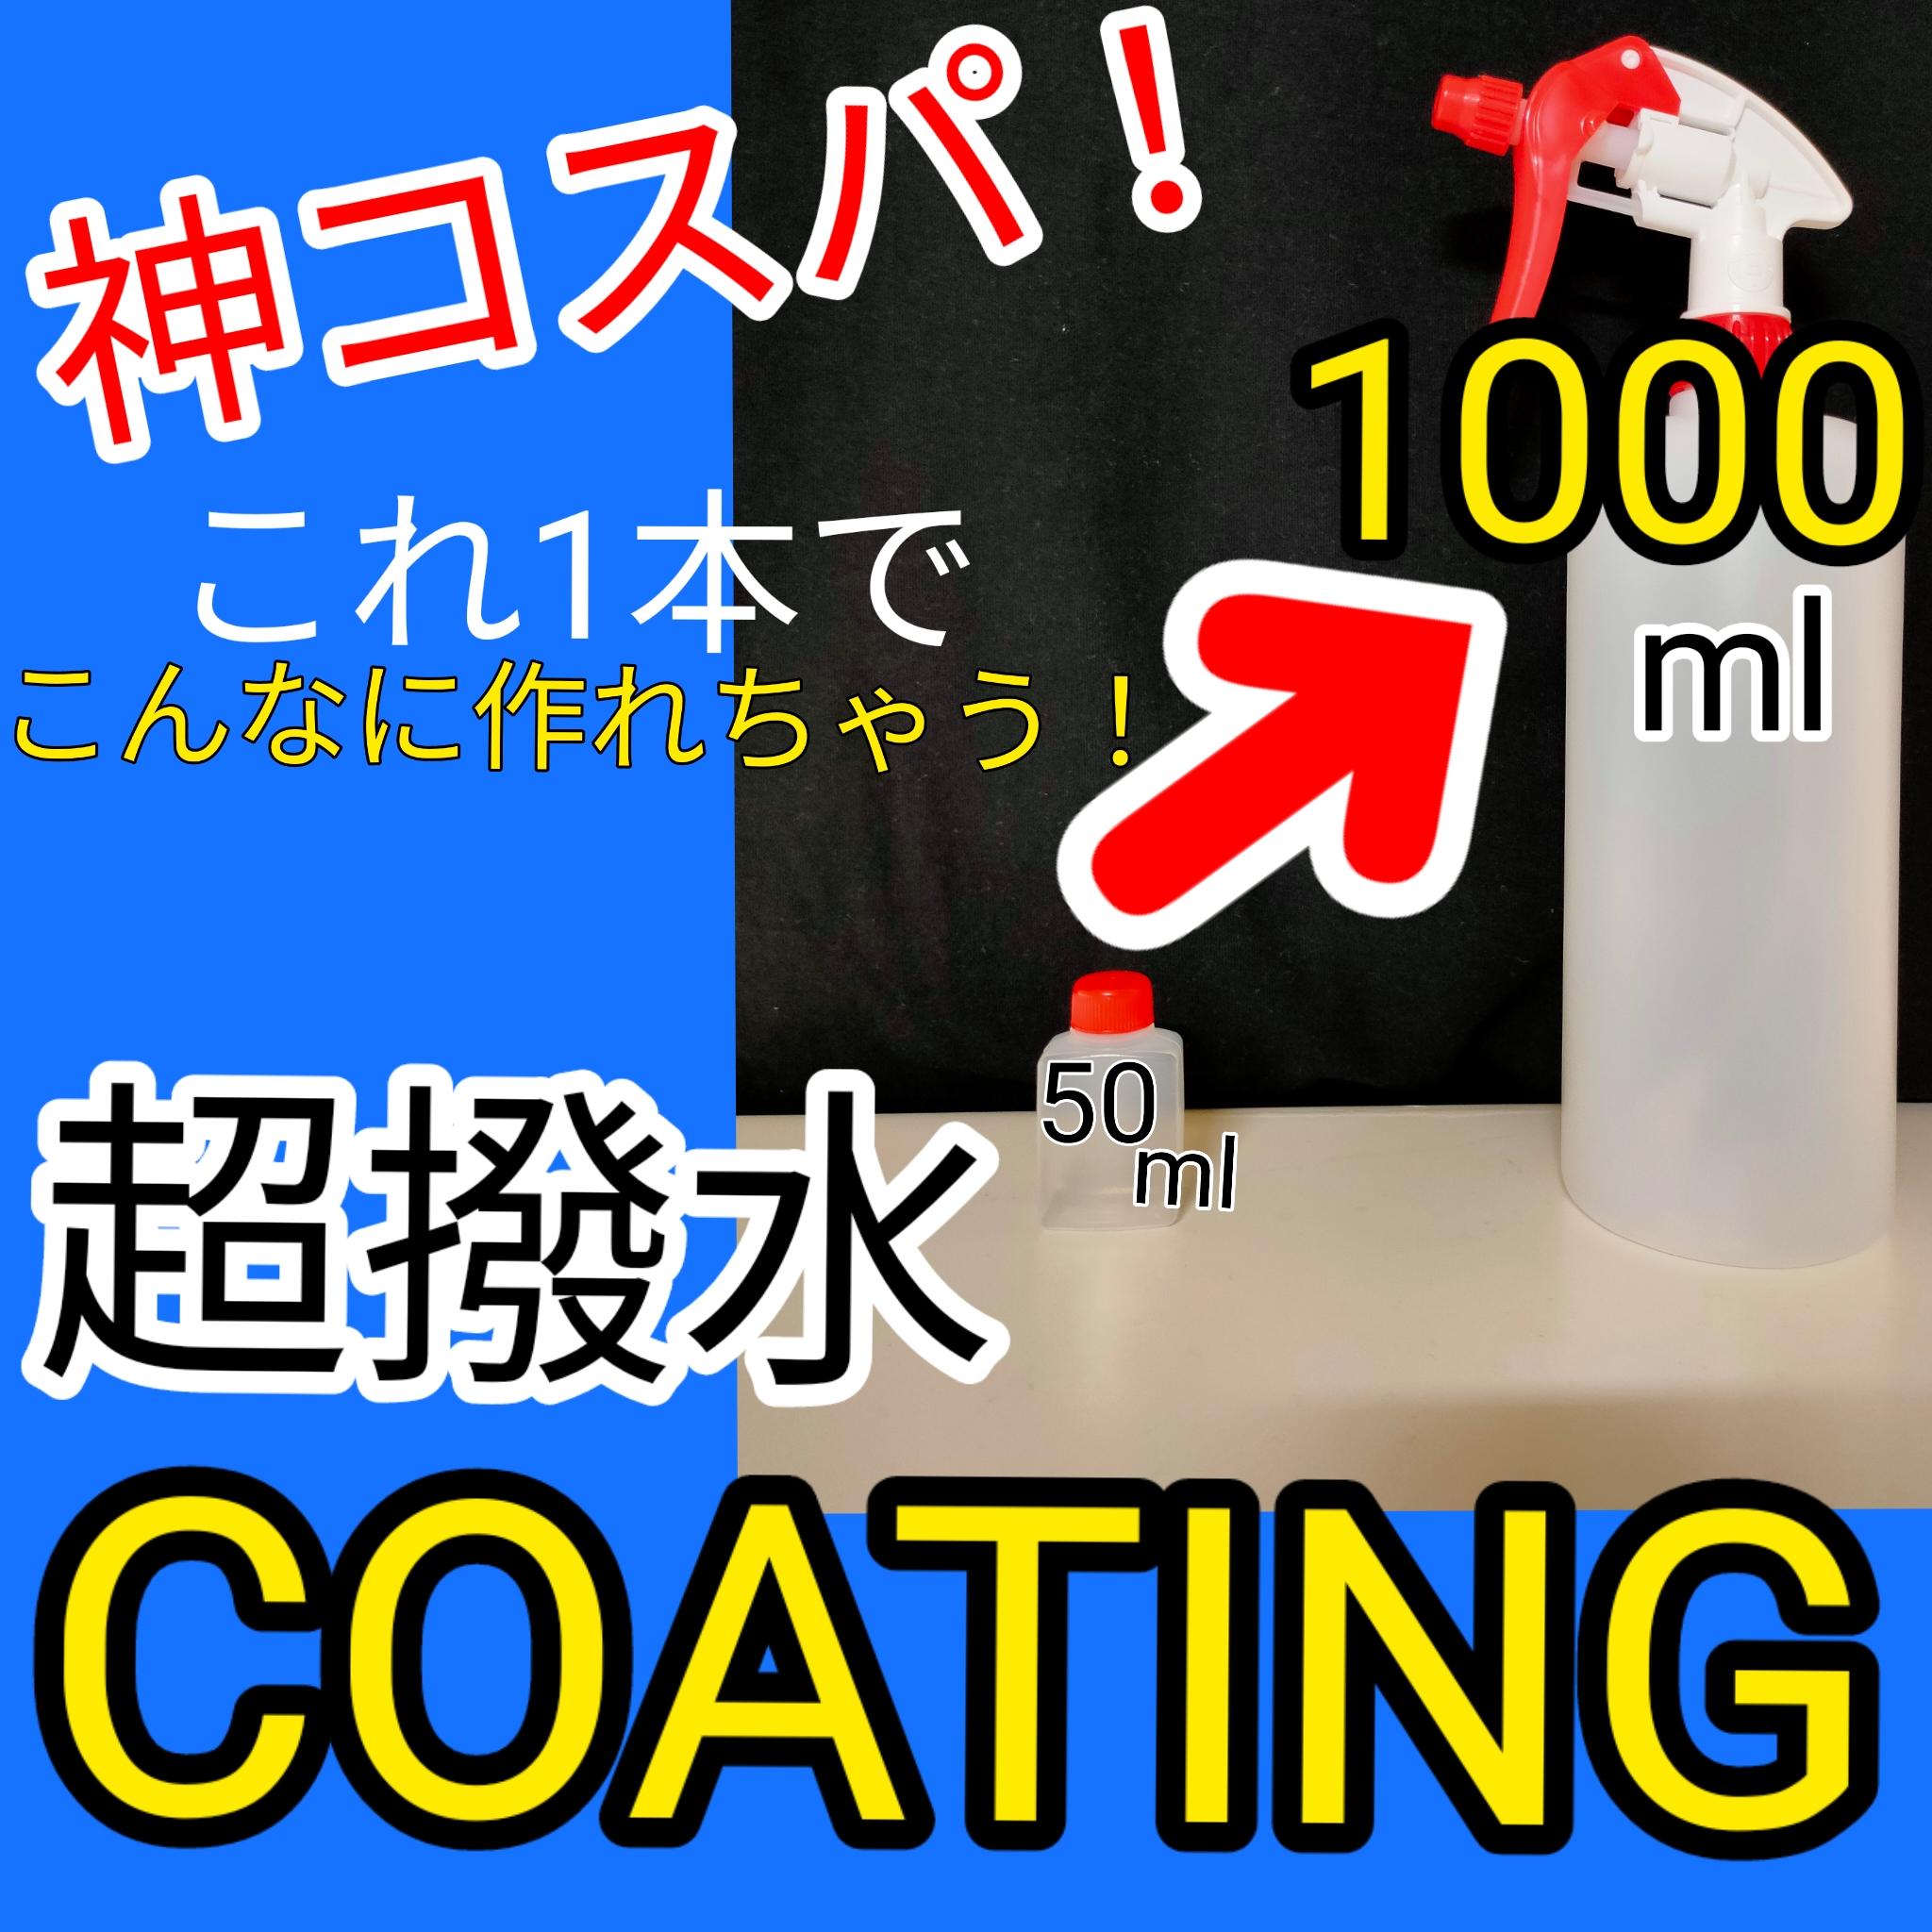 お勧めします!洗車革命『コスパ最強!超撥水BBコーティング』